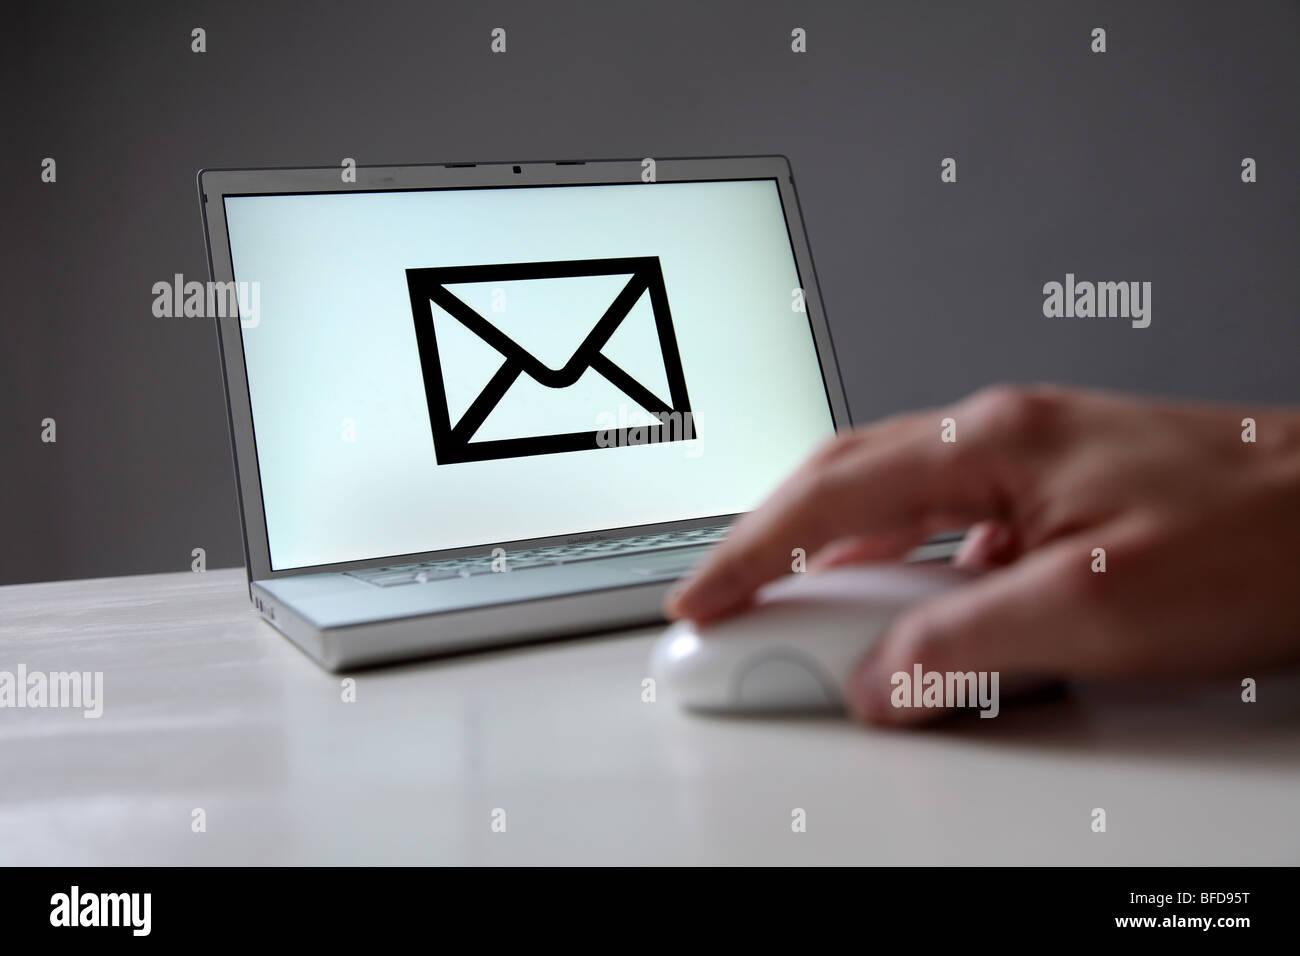 Lettera segno sullo schermo del computer. Simbolo: e-mail, la comunicazione via Internet Immagini Stock